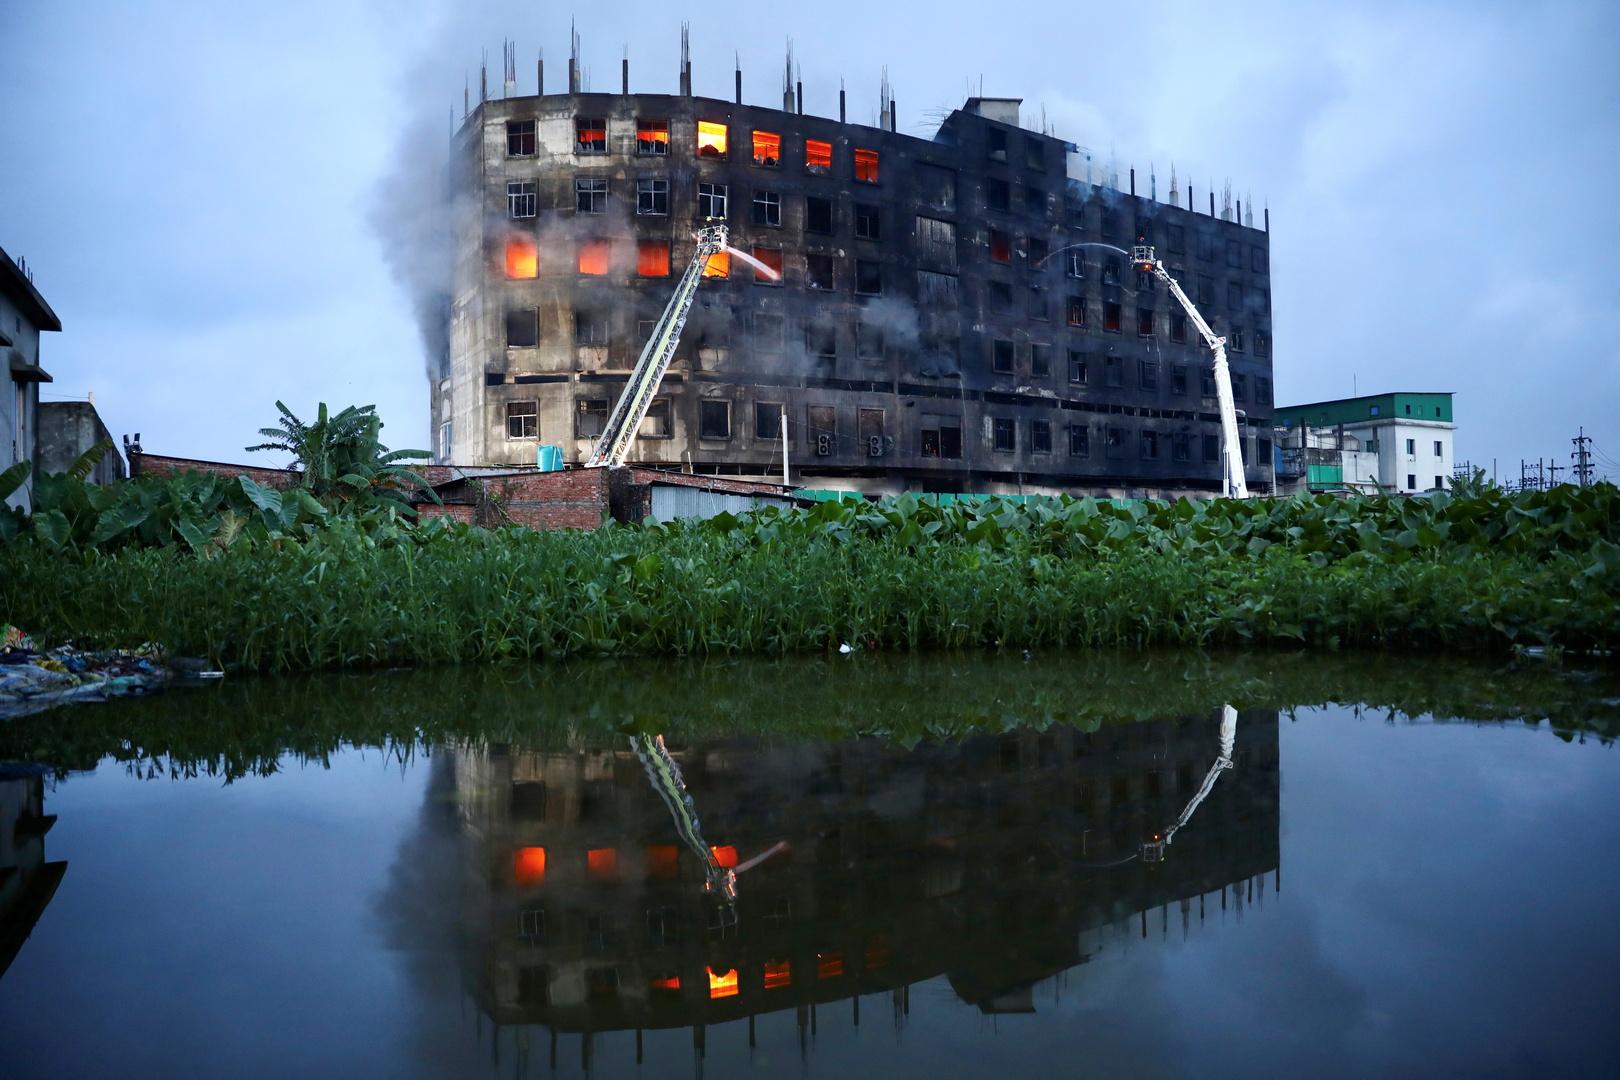 مقتل 52 وجرح العشرات في حريق بمصنع في بنغلاديش